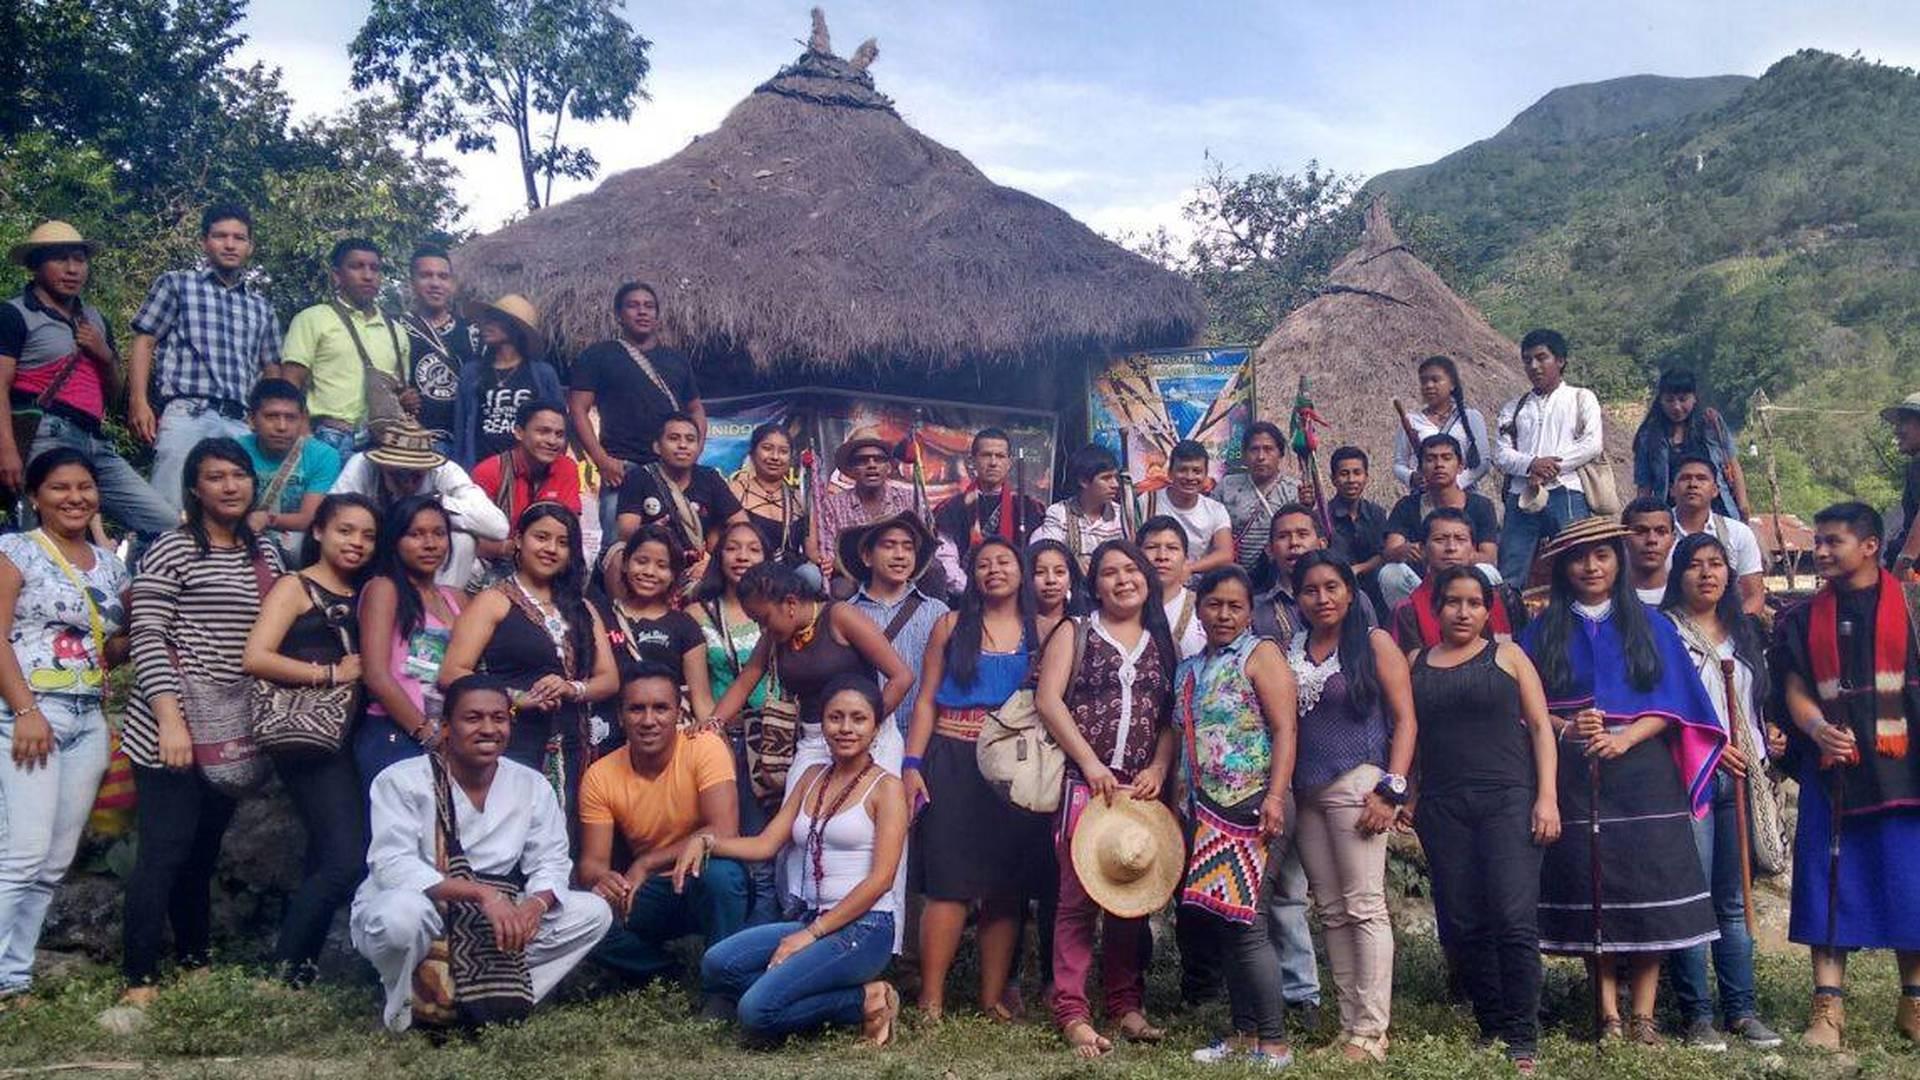 Tejiendo caminos para eliminar el racismo: pueblos indígenas y educación superior en Colombia, una iniciativa para conversar sobre la discriminación que ataca a los miembros de las comunidades indígenas que desean acceder a la educación superior.